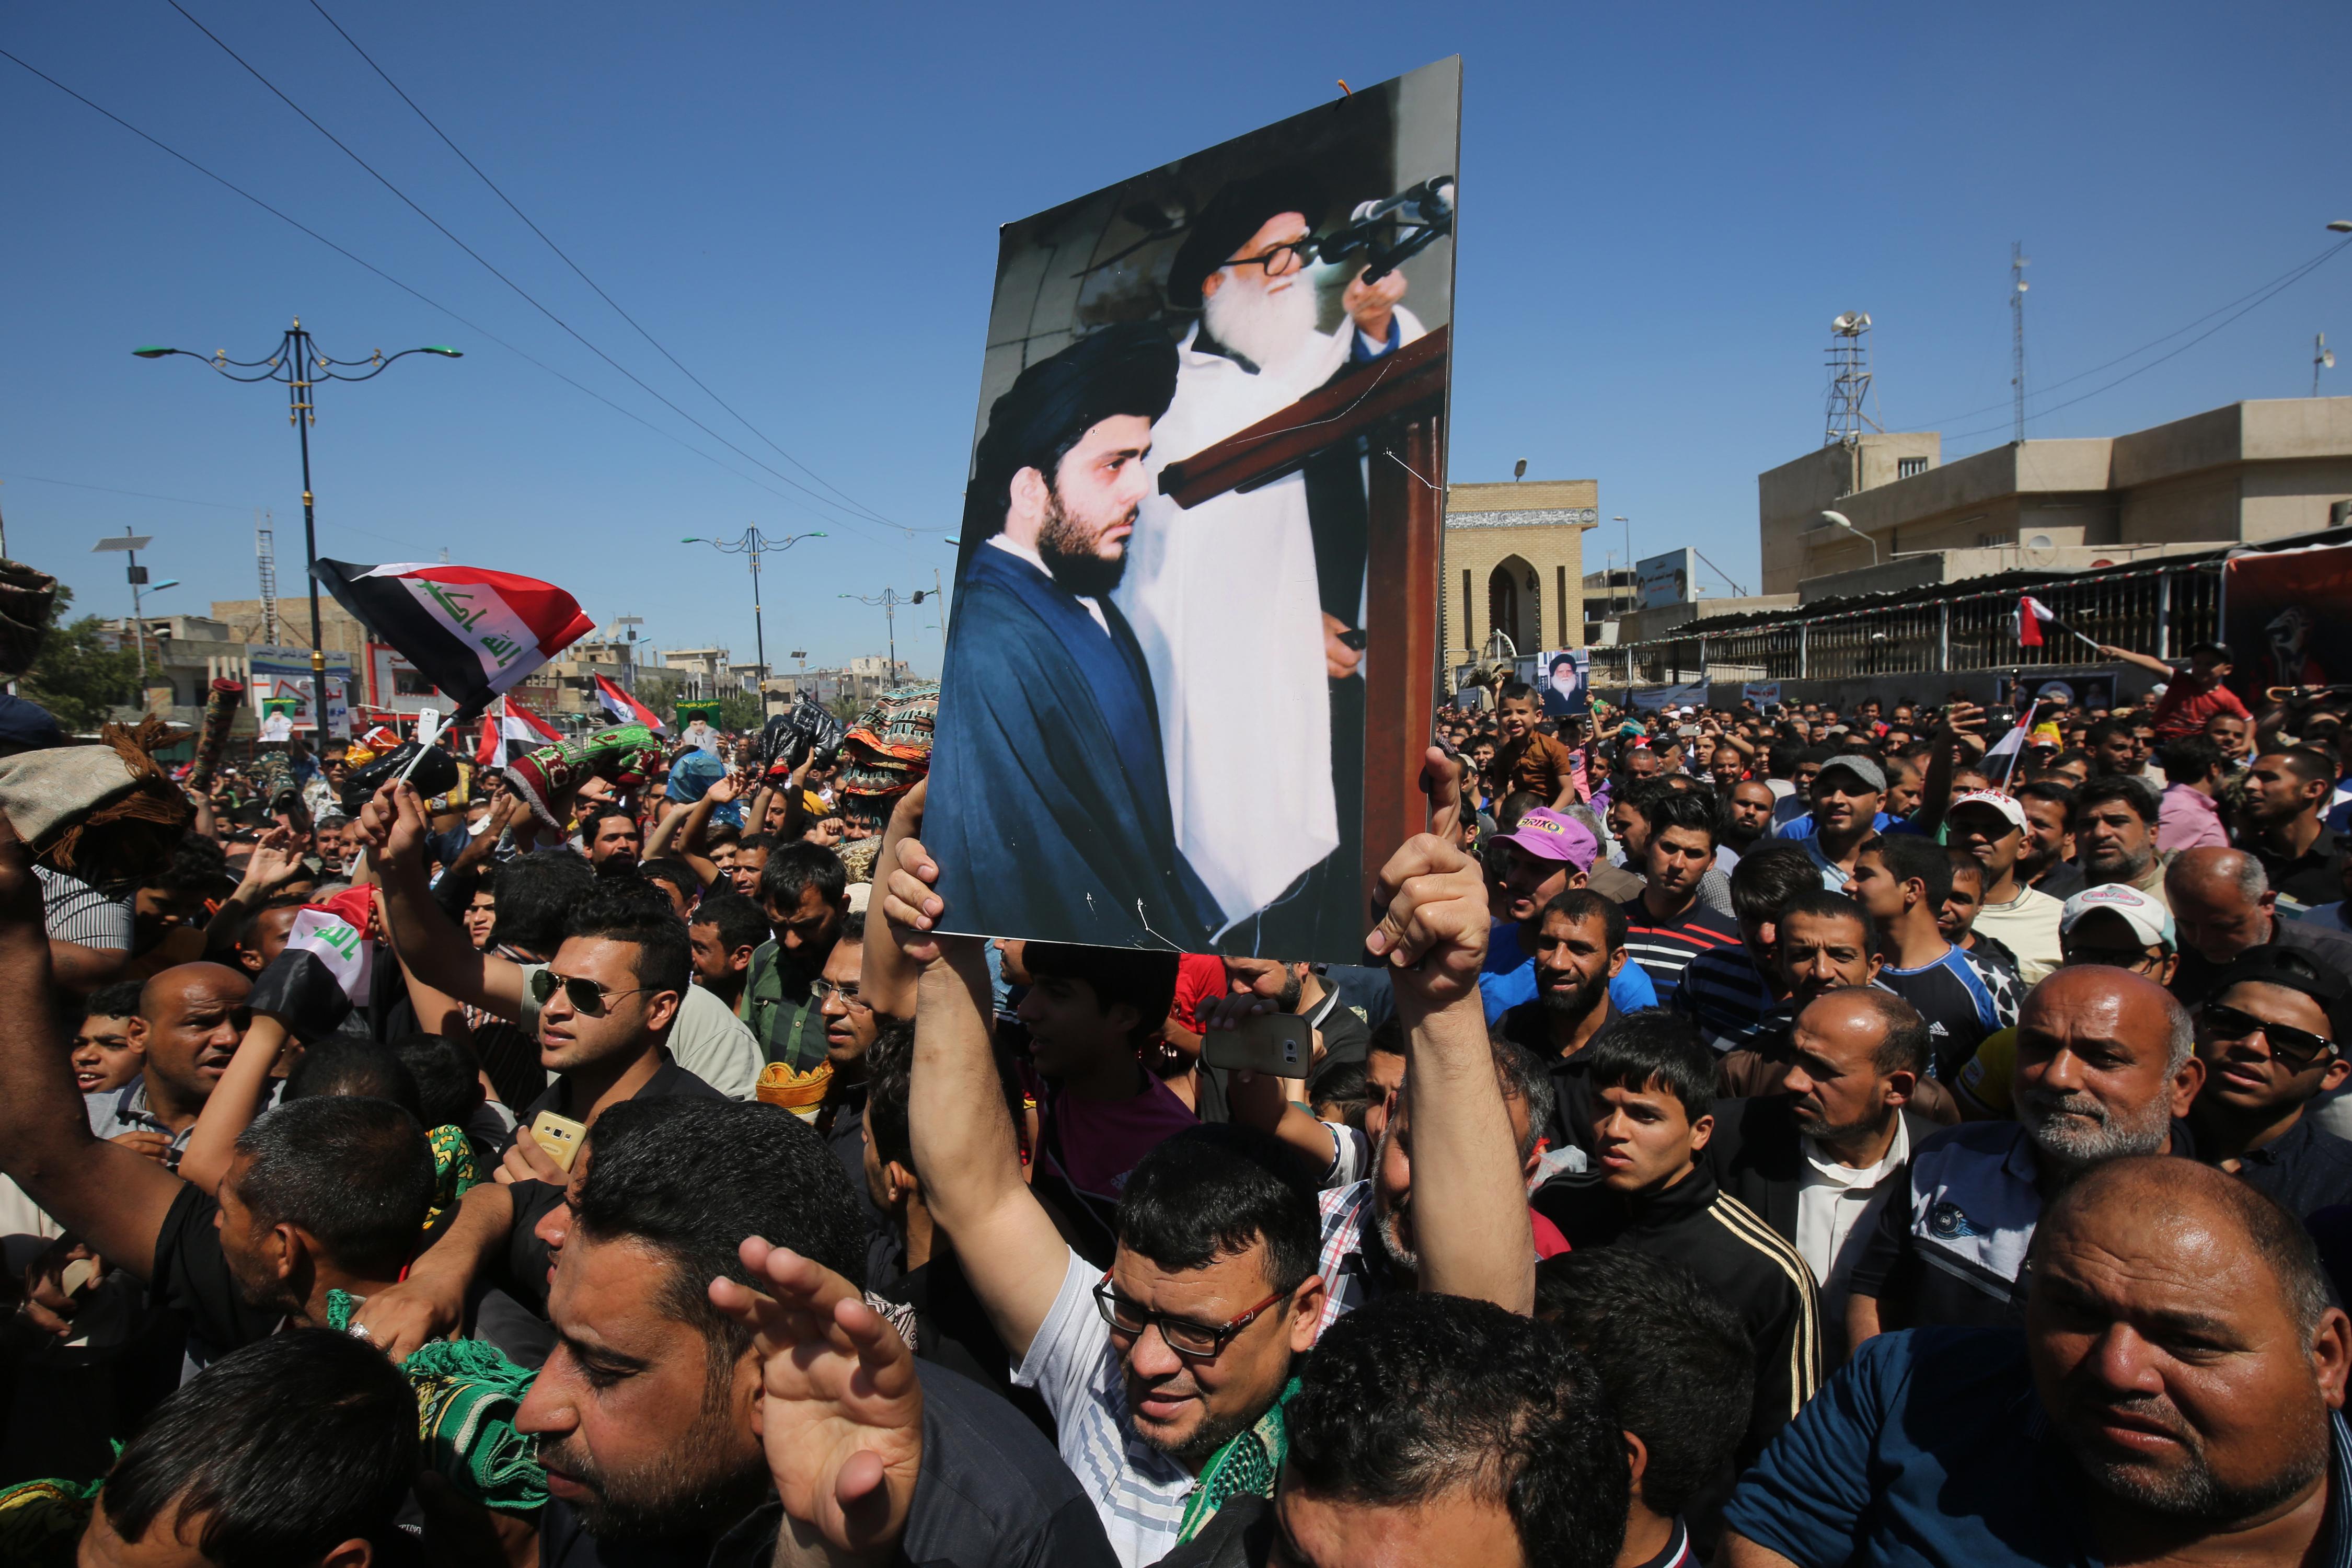 مظاهرات سابقة لأنصار مقتدى الصدر